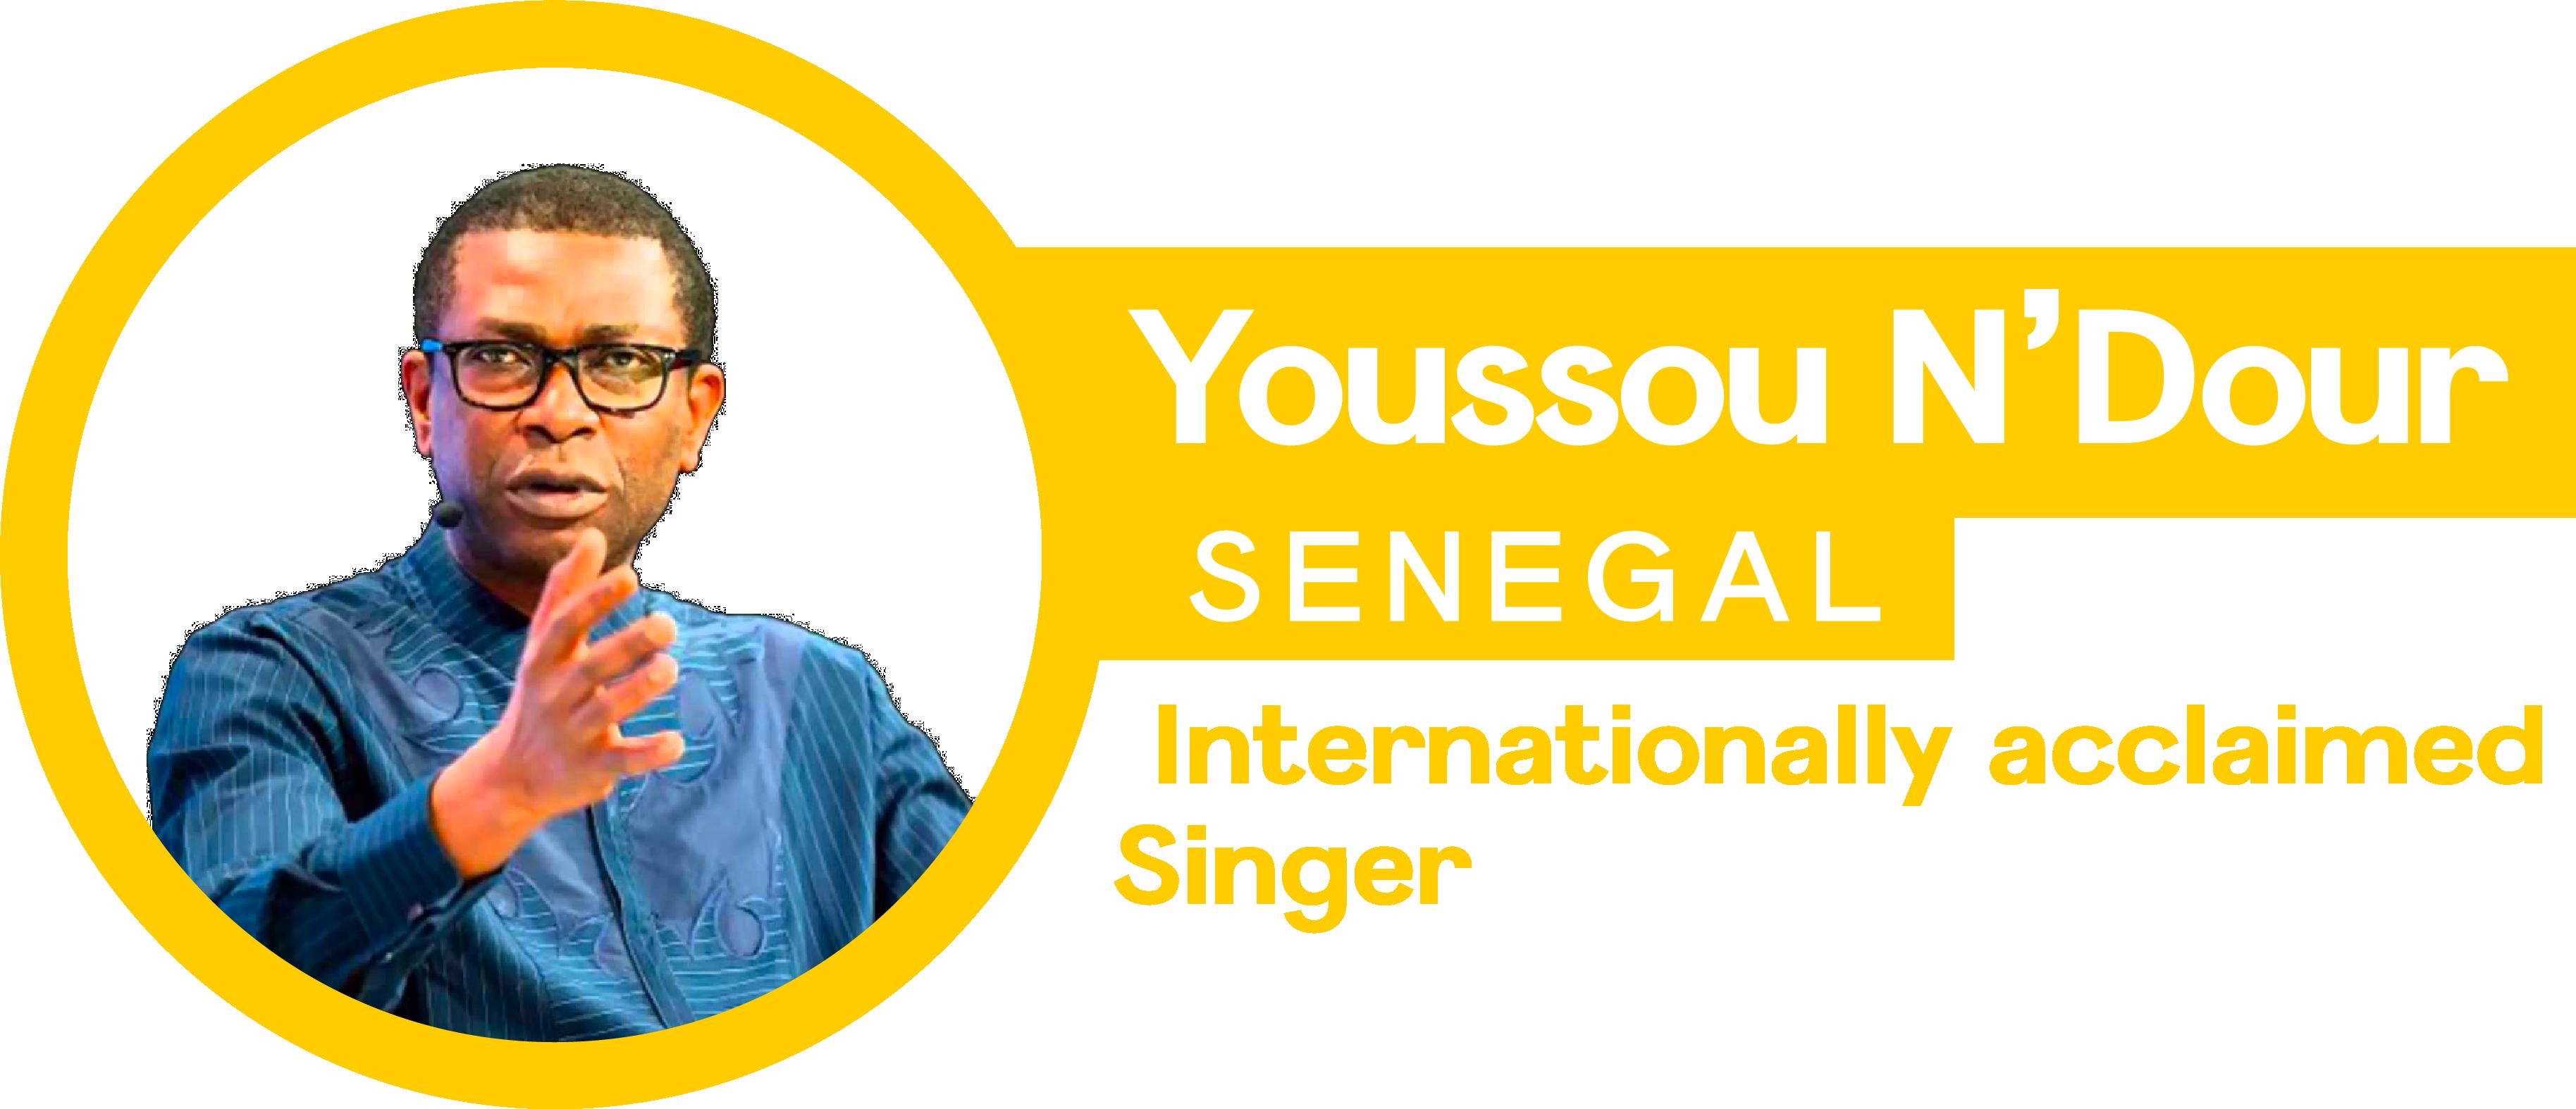 Youssou N'dour_1